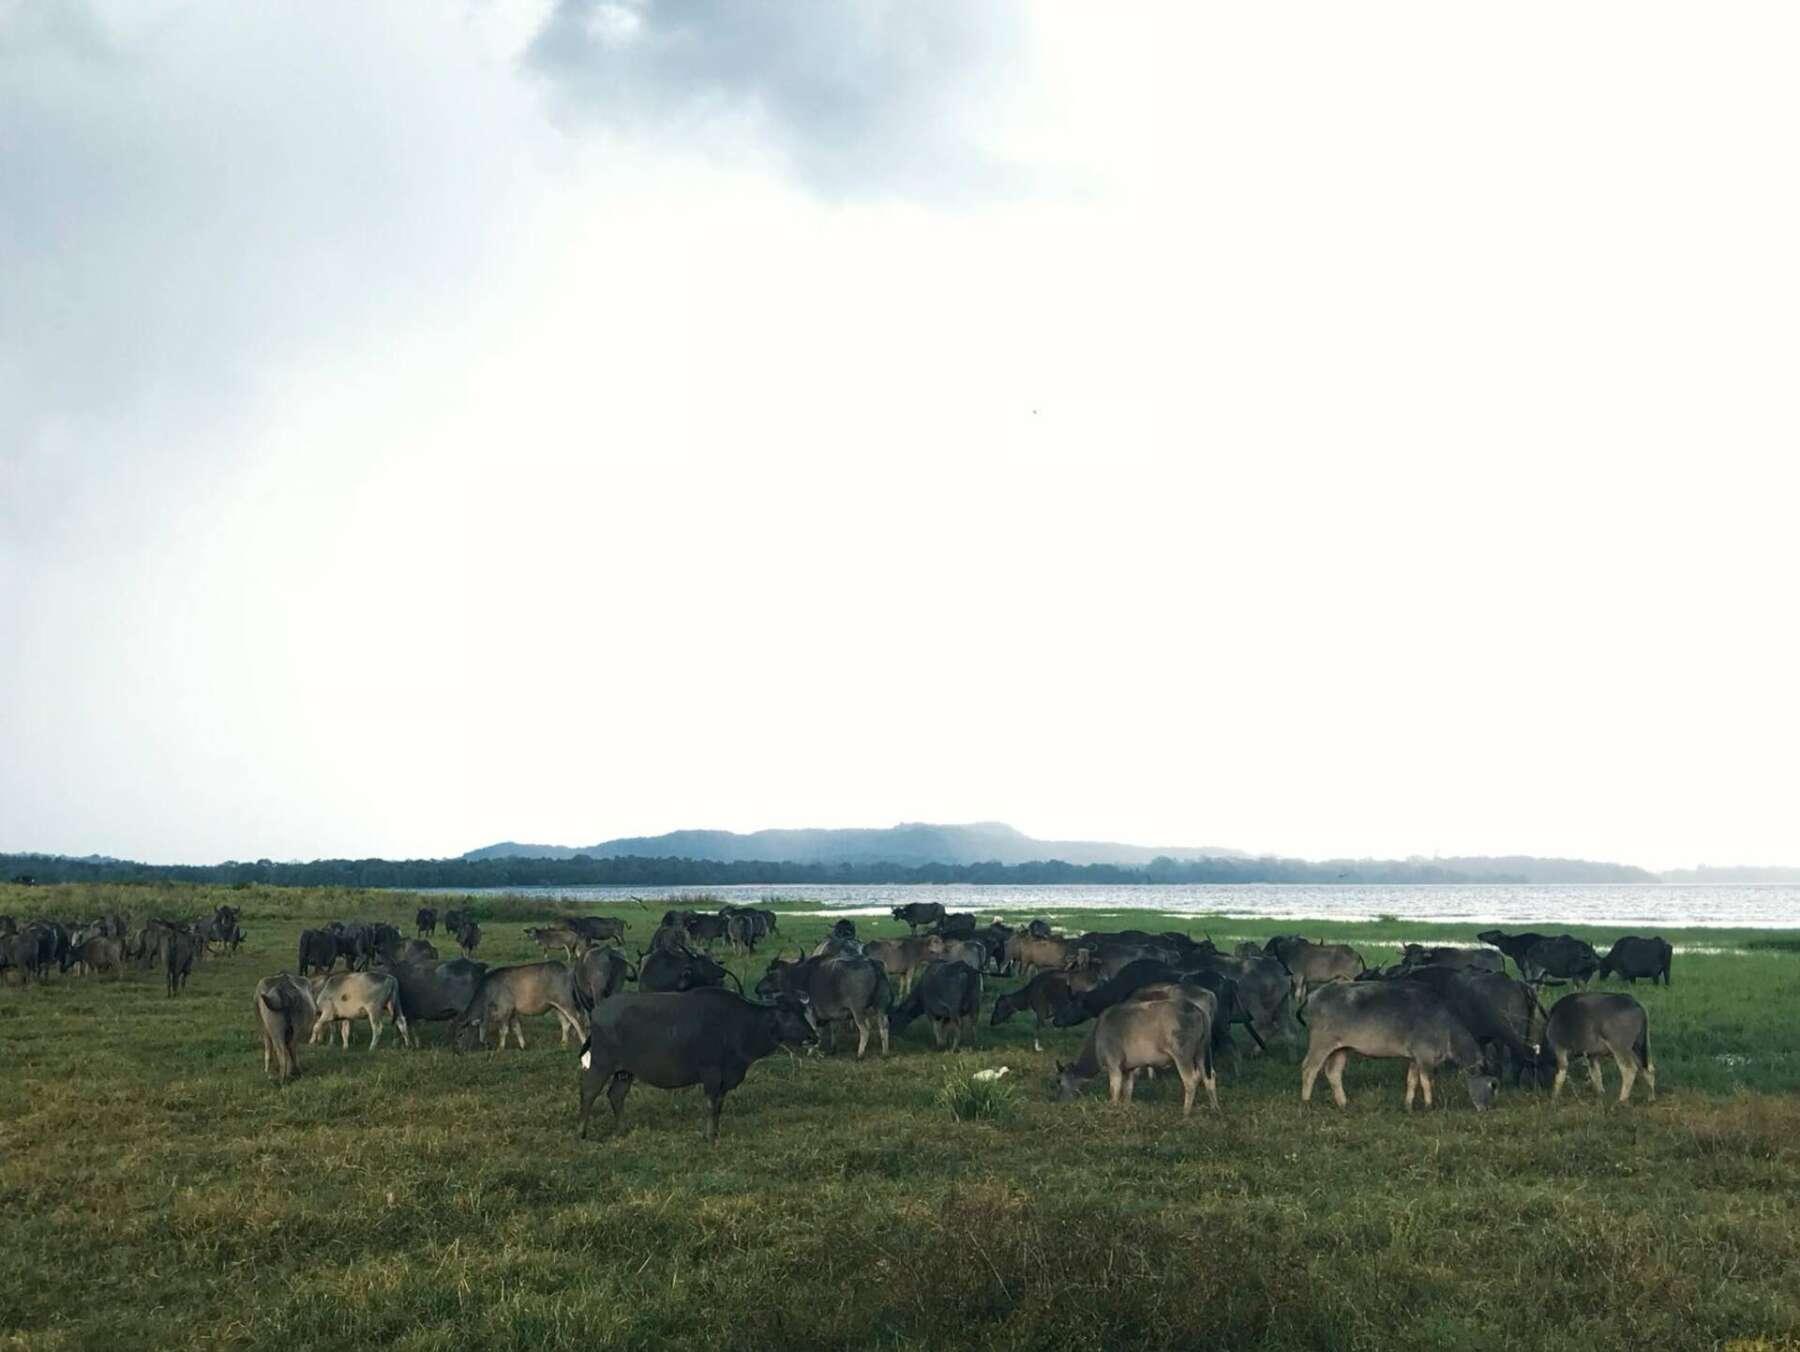 อุทยานแห่งชาติมินเนอริยา (Minneriya National Park) สิกิริยา